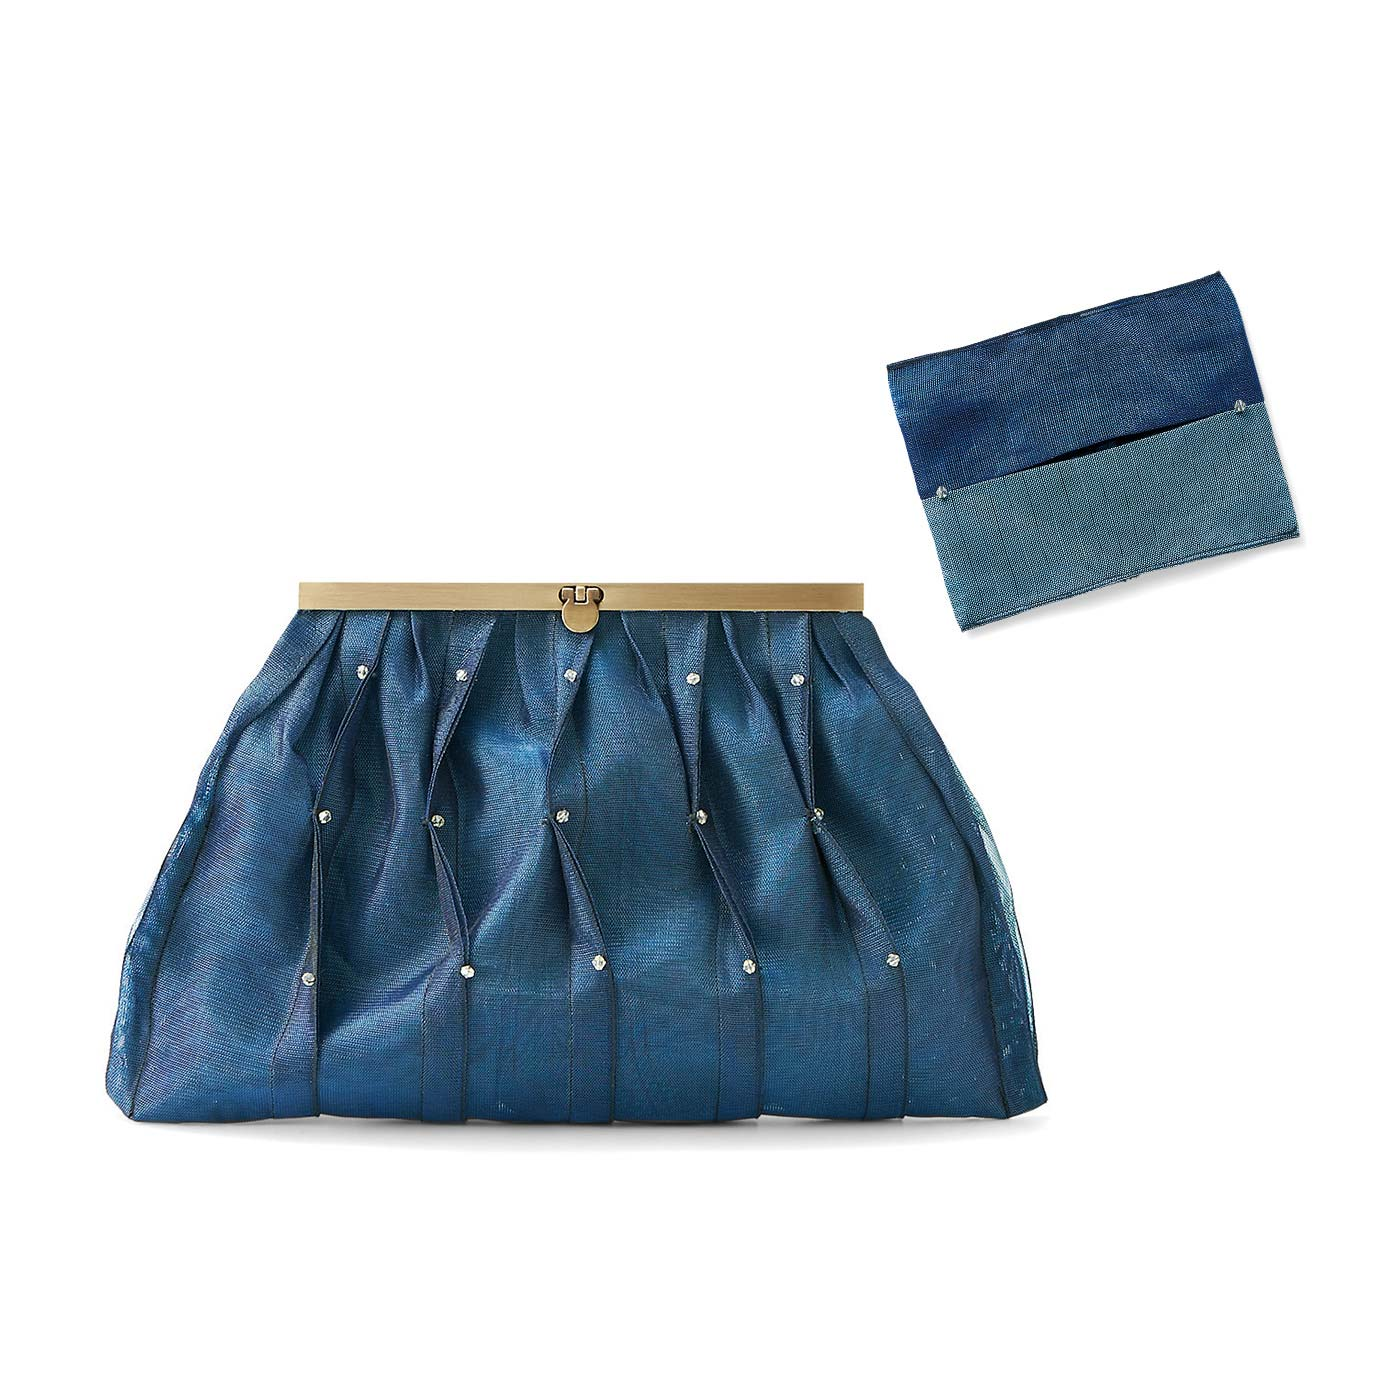 藍(あい)色のクラッチバッグとティッシュケース クラッチバッグ:縦約18cm、横約32cm、まち幅約3cm ティッシュケース:縦約9.5cm、横約12.5cm